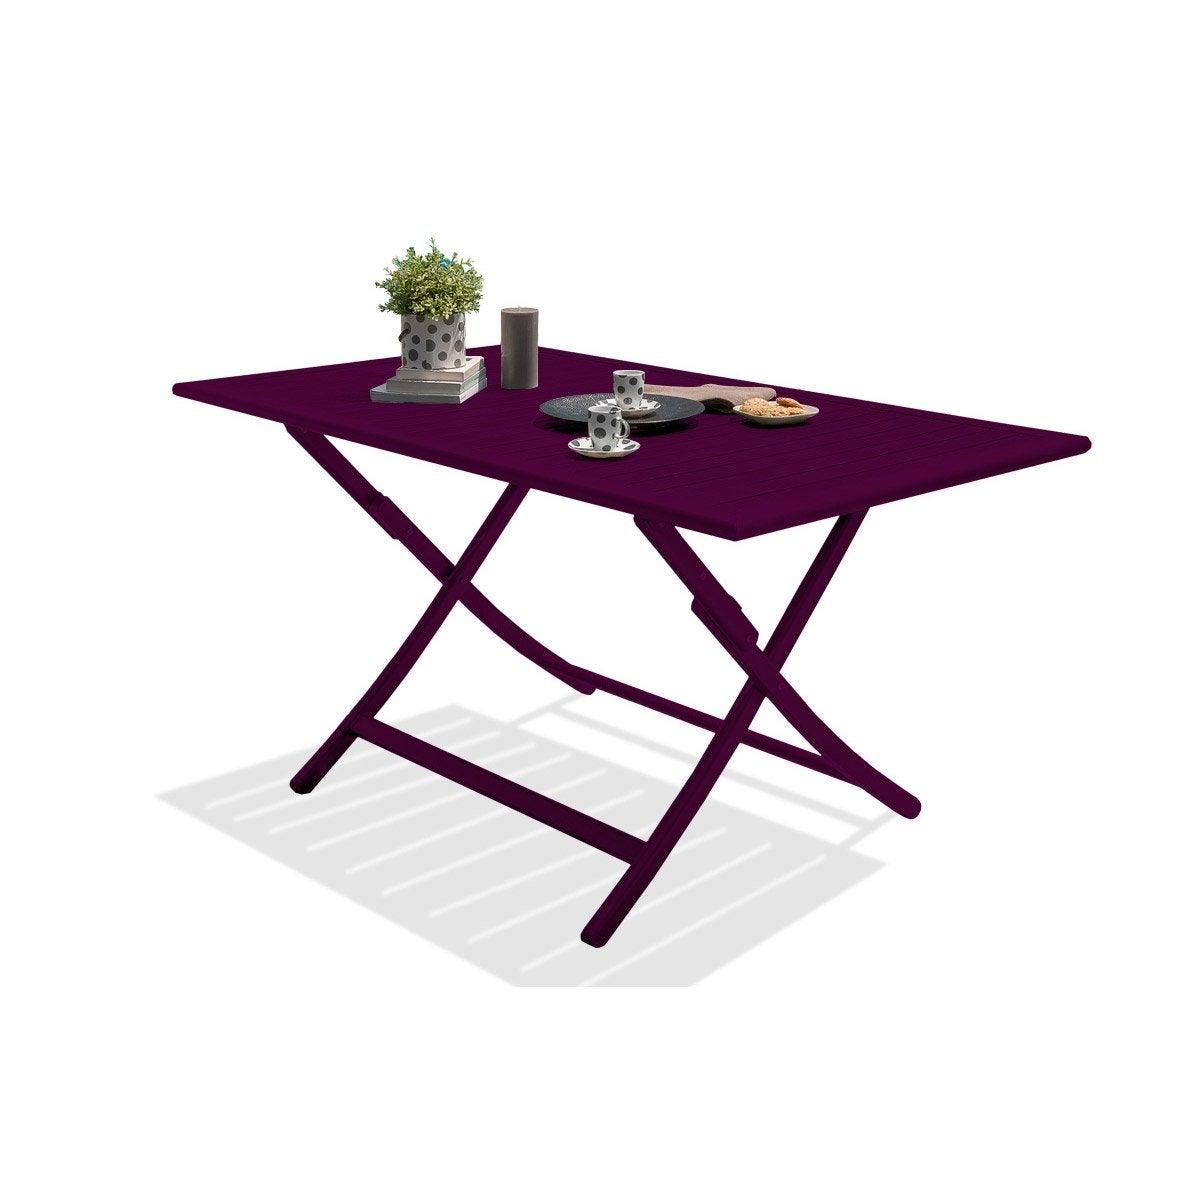 Table Jardin 6 Personnes Génial Table De Jardin De Repas Marius Rectangulaire Aubergine 4 6